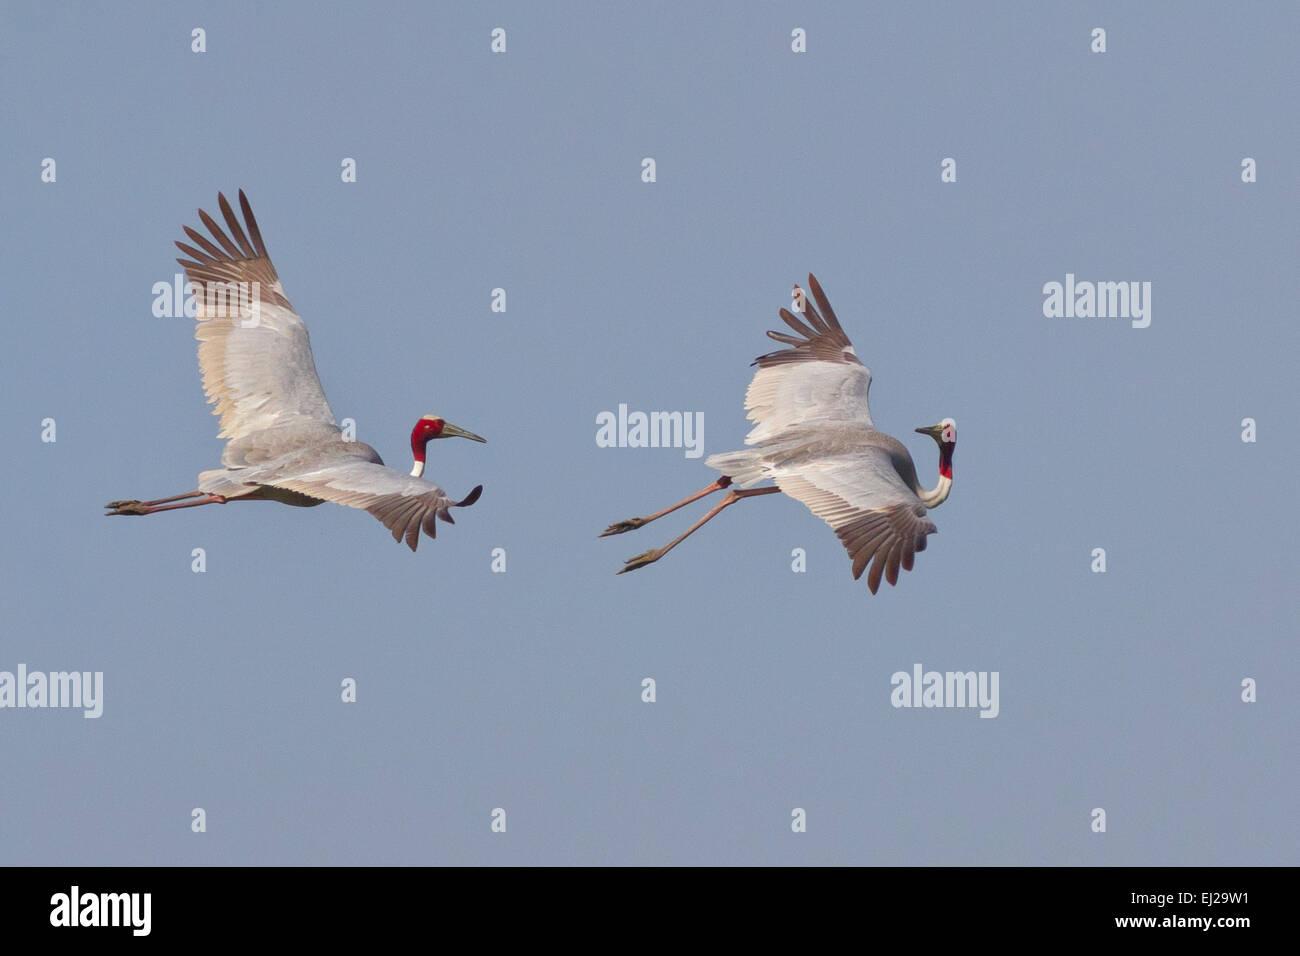 Sarus or Indian cranes (Grus antigone) in flight Stock Photo